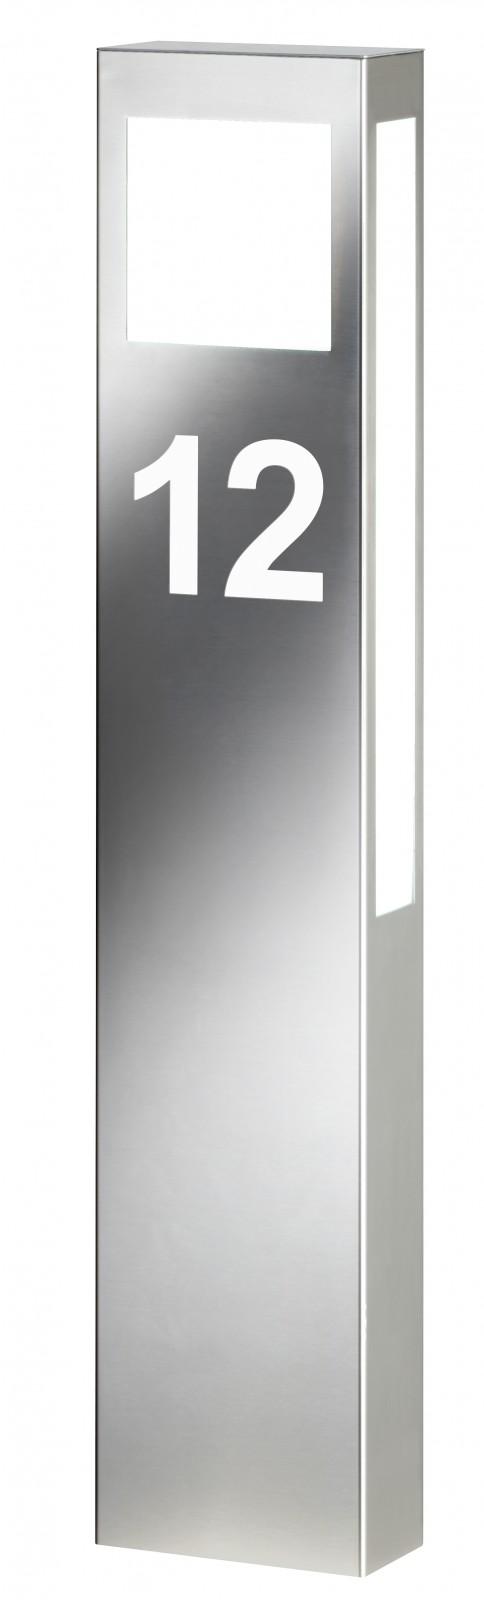 cmd edelstahl au enleuchte mit hausnummer standleuchte 24 hn hersteller cmd. Black Bedroom Furniture Sets. Home Design Ideas